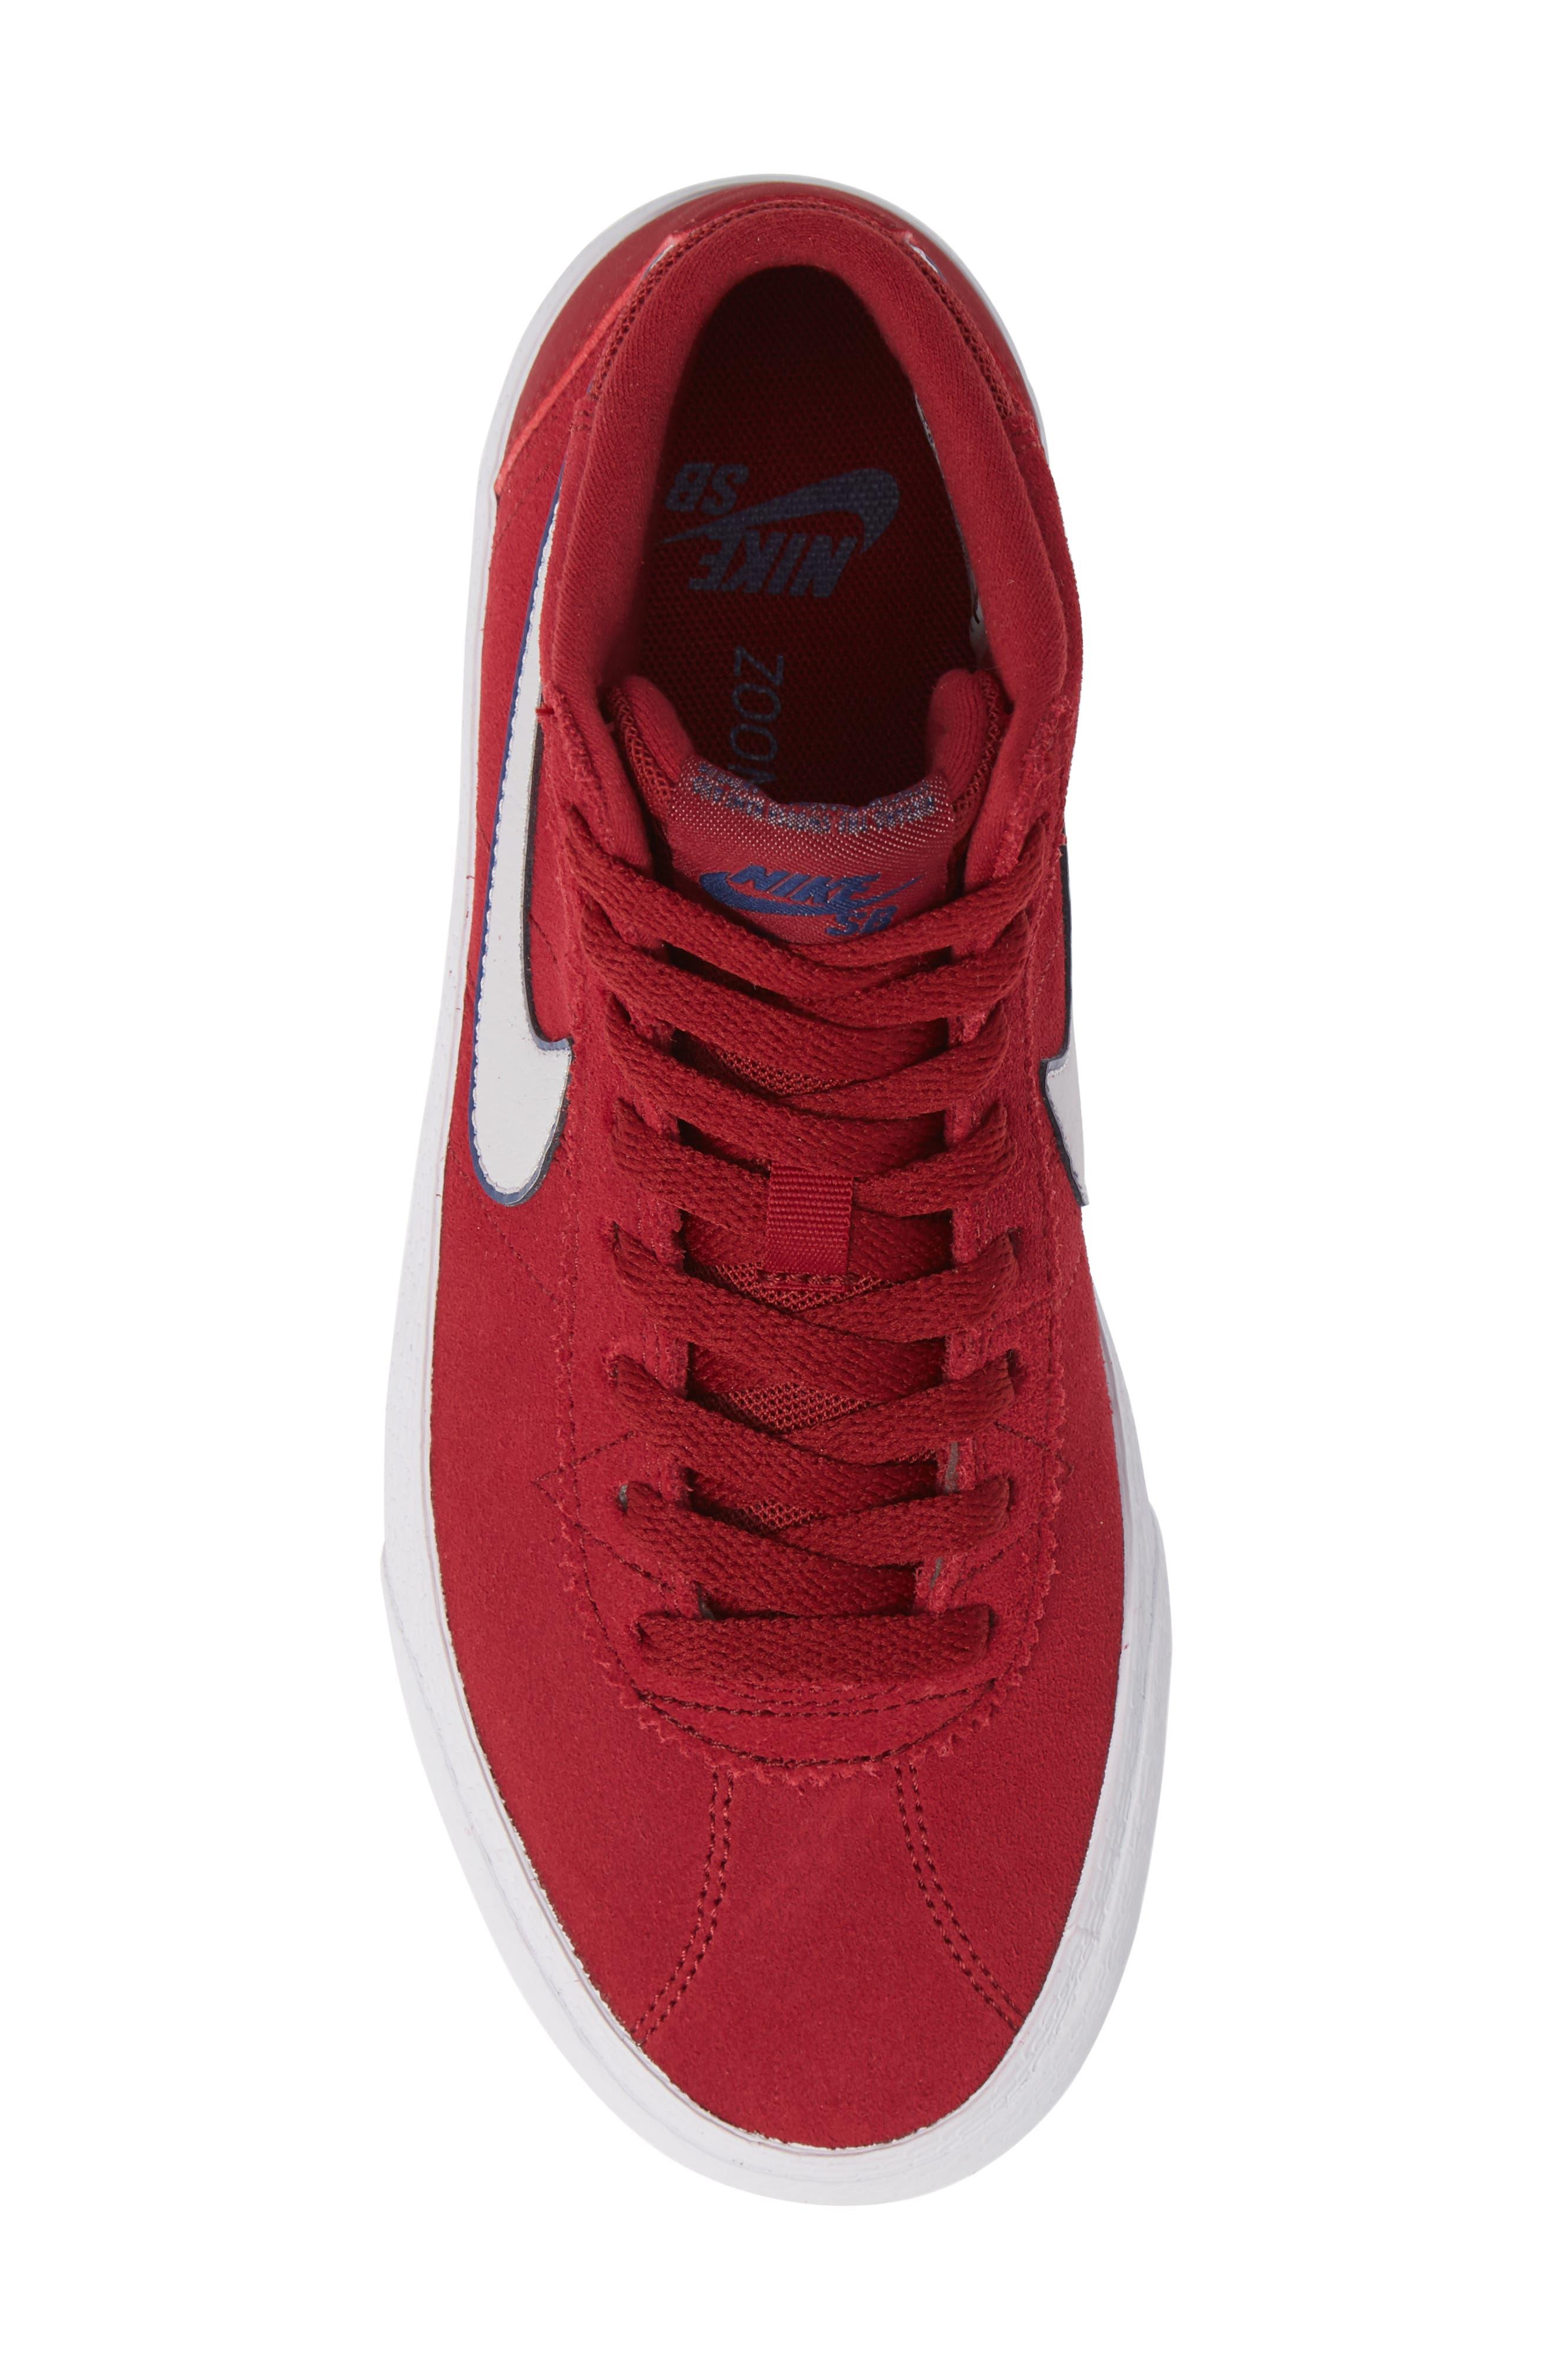 SB Bruin Hi Skateboarding Sneaker,                             Alternate thumbnail 6, color,                             Red Crush/ Vast Grey/ White